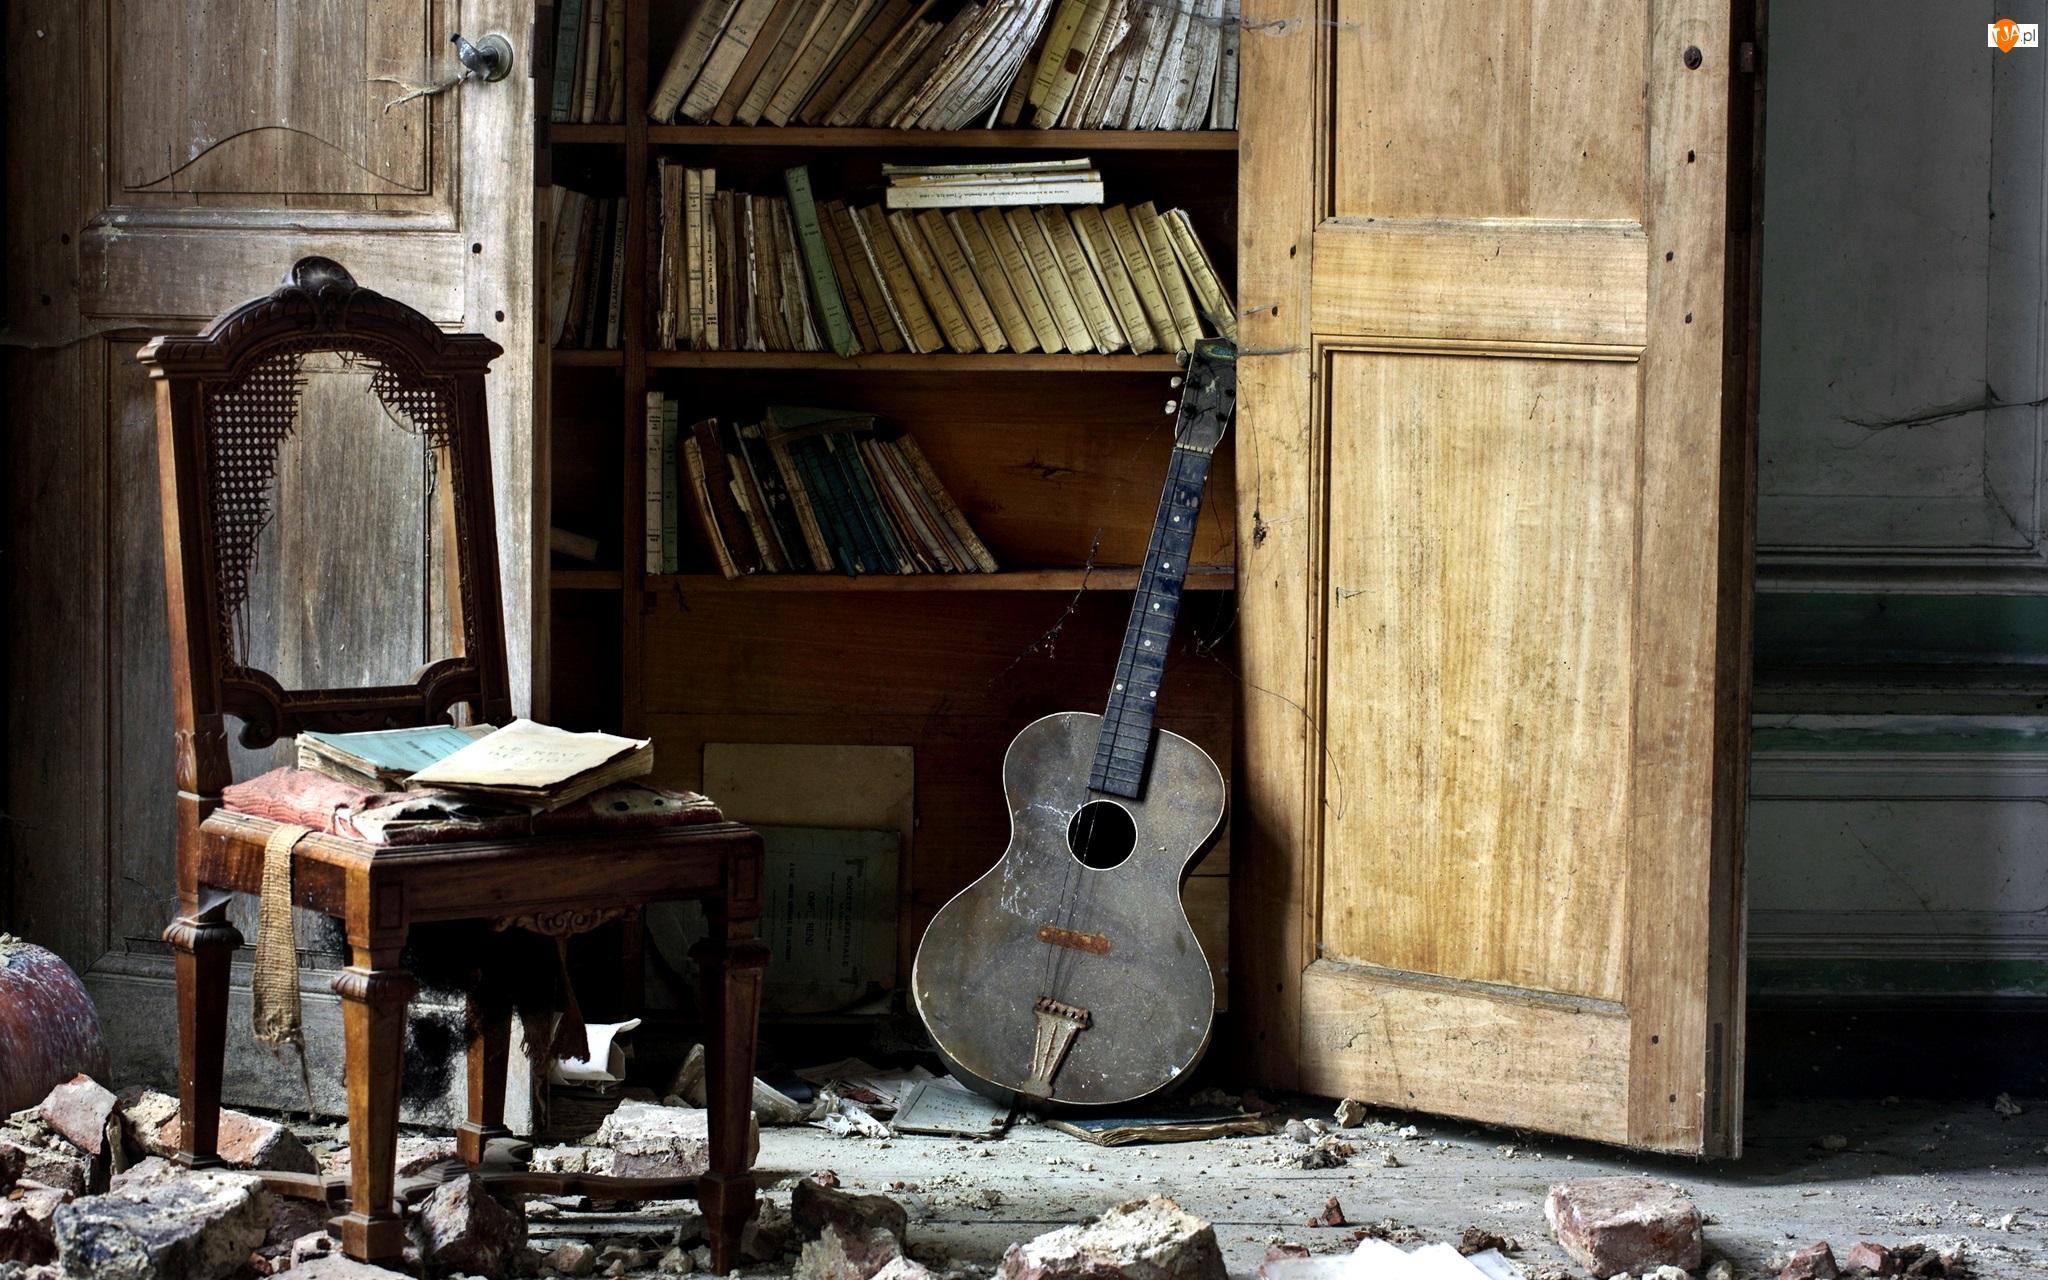 Krzesło, Książki, Gitara